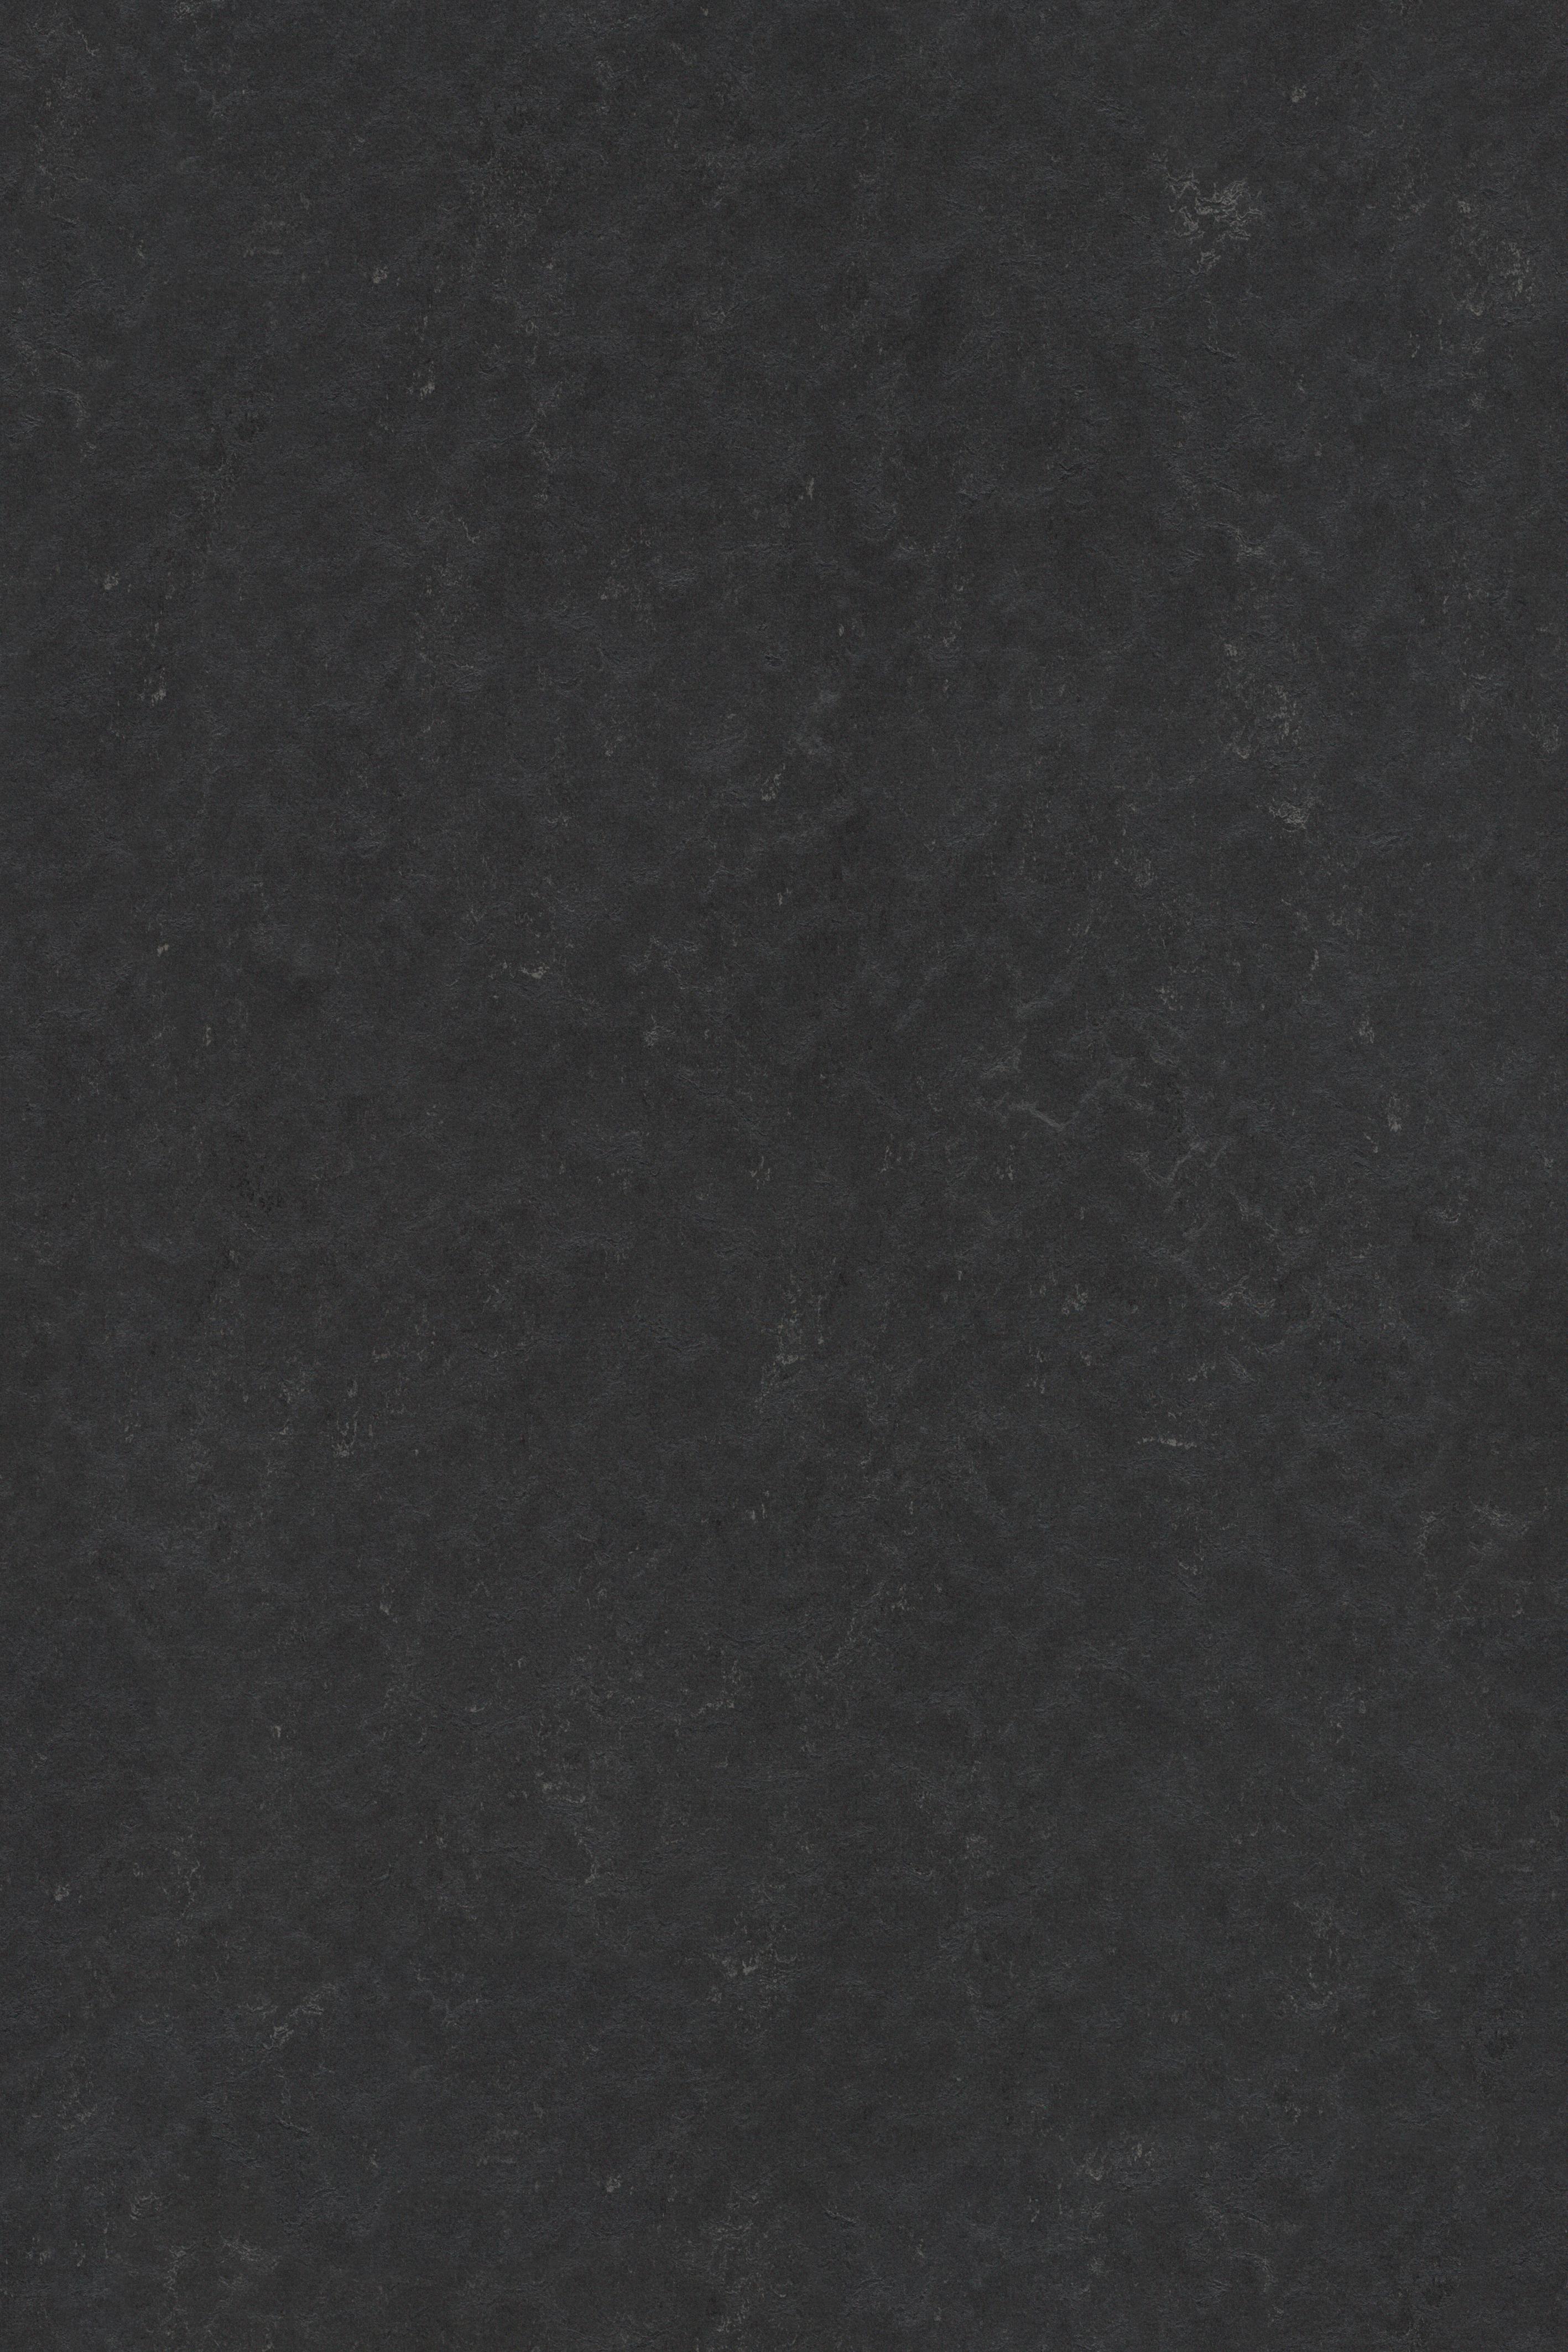 Marmoleum Concrete Linoleum Flooring